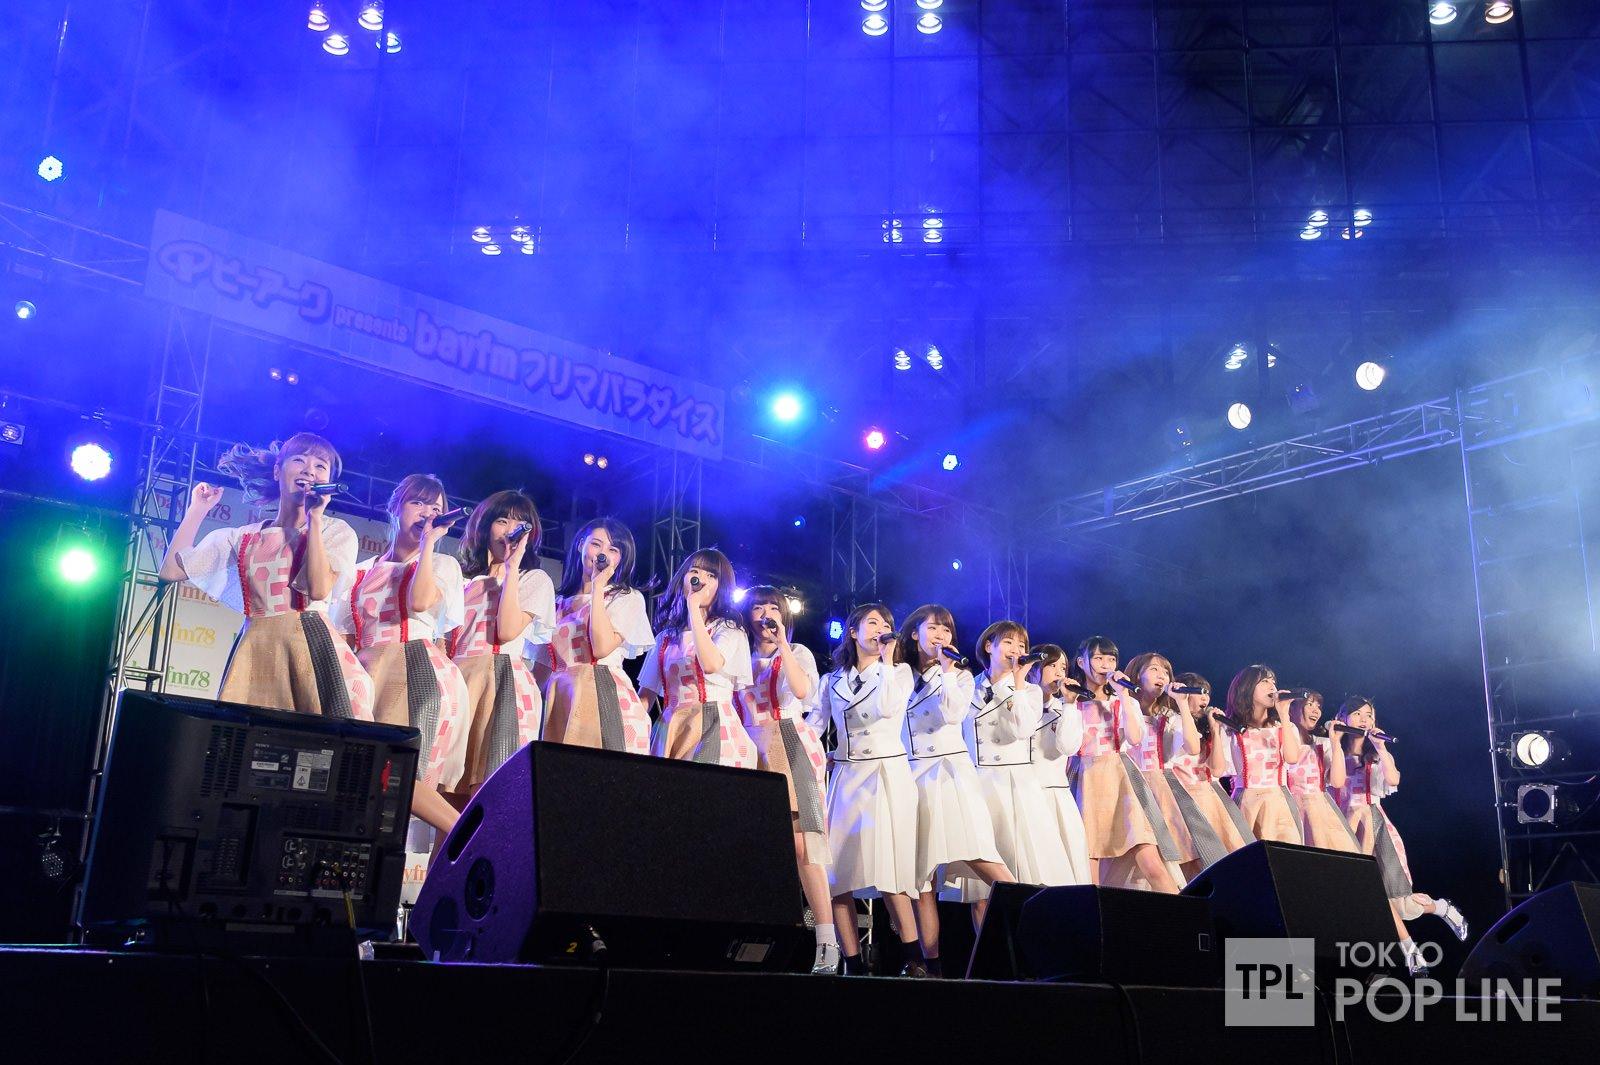 乃木坂46 ピーアーク presents bayfmフリマパラダイス3